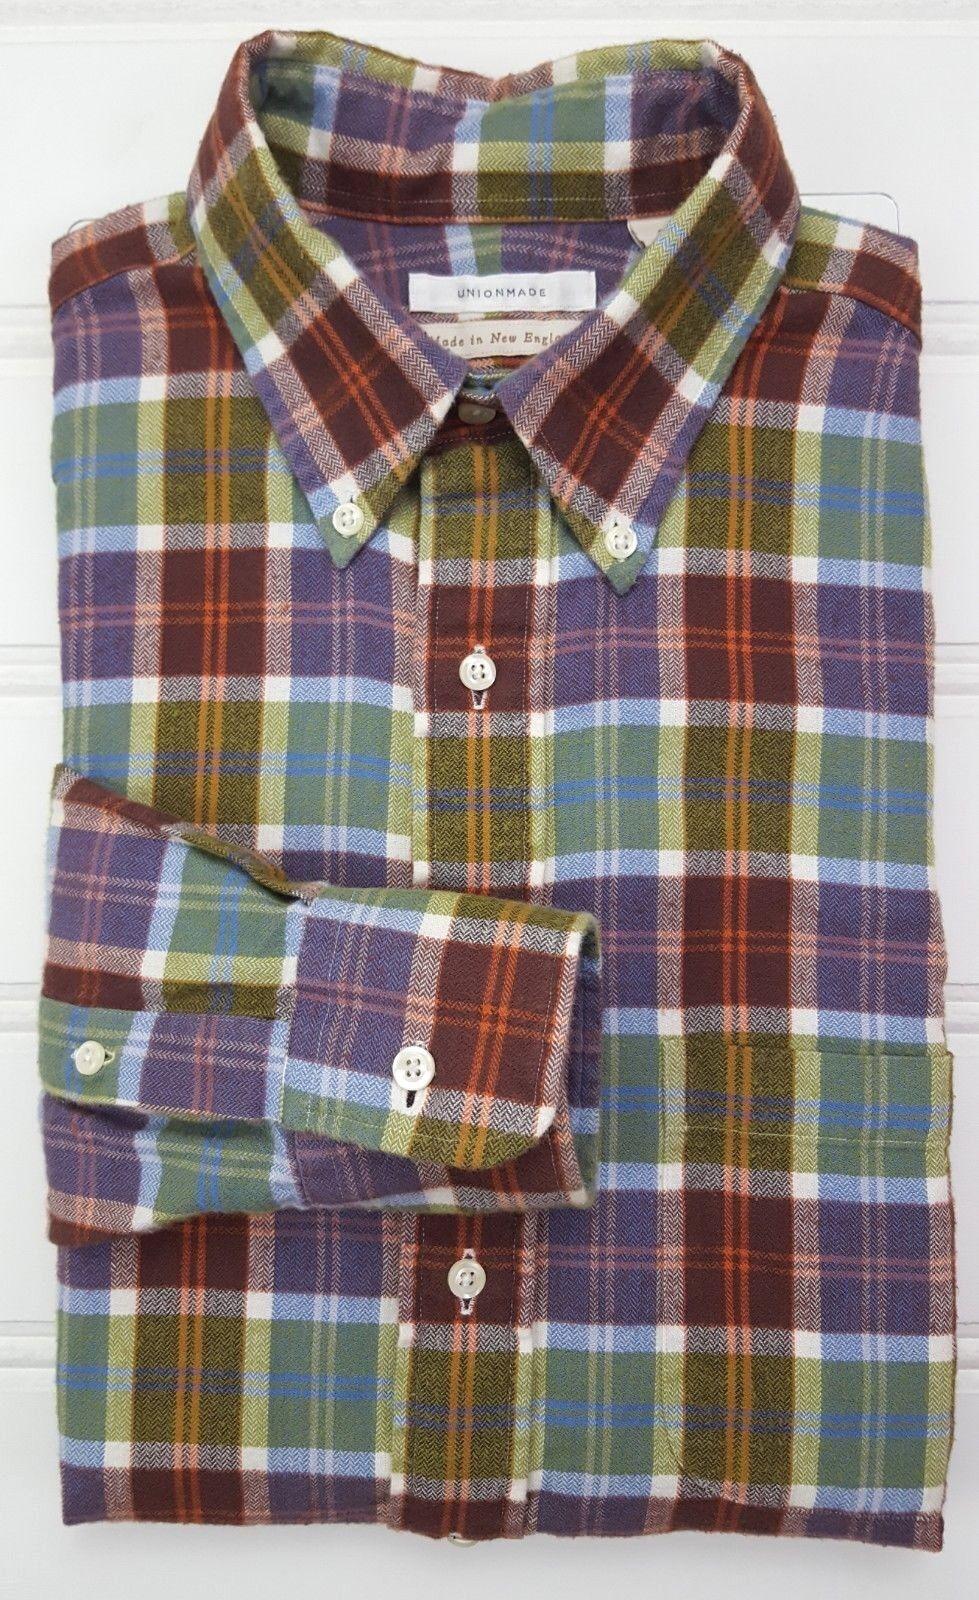 Unionmade Camicia di Flanella S Multicolore Plaid Quadri da Uomo Nuovo England